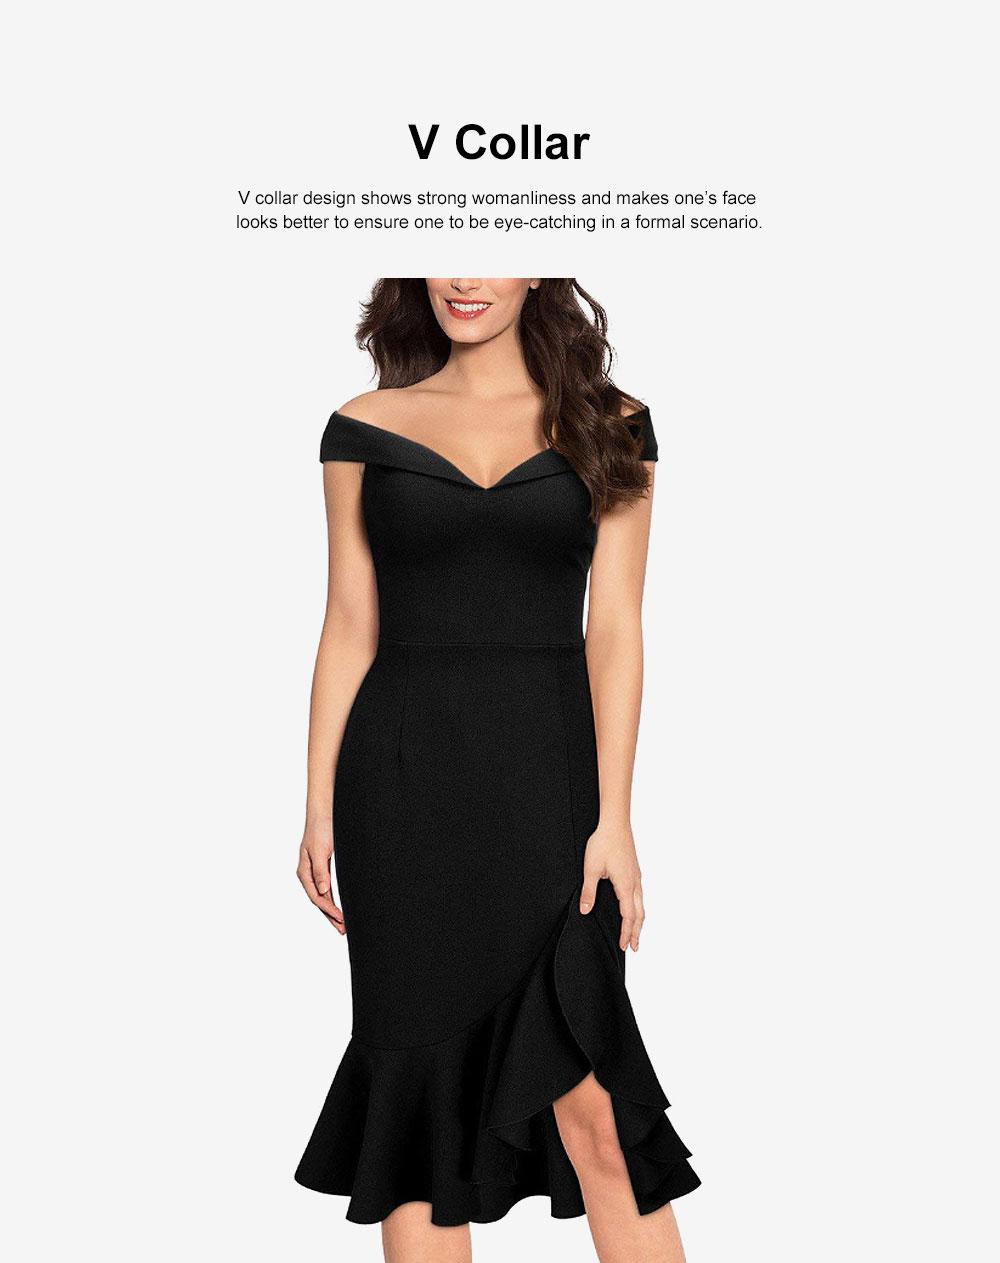 One-piece Women Evening Dress Formal Dress Sexy V Collar Off -shoulder Irregular Fishtail Skirt 1